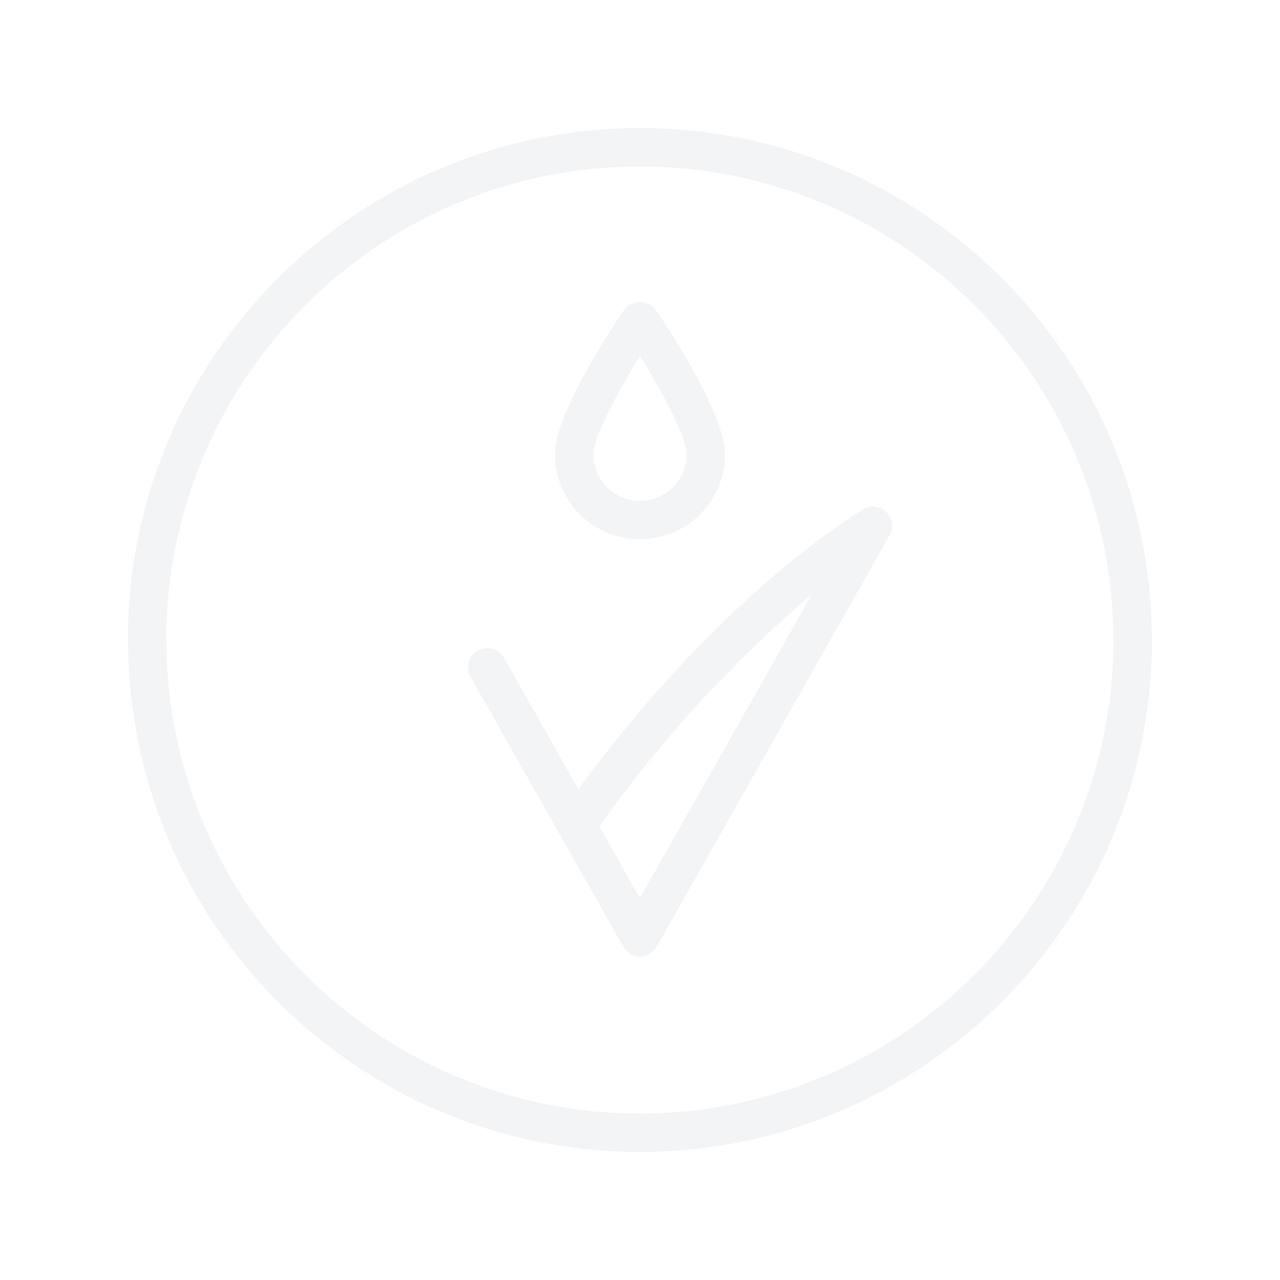 men-ü Skin Refresher Gift Set